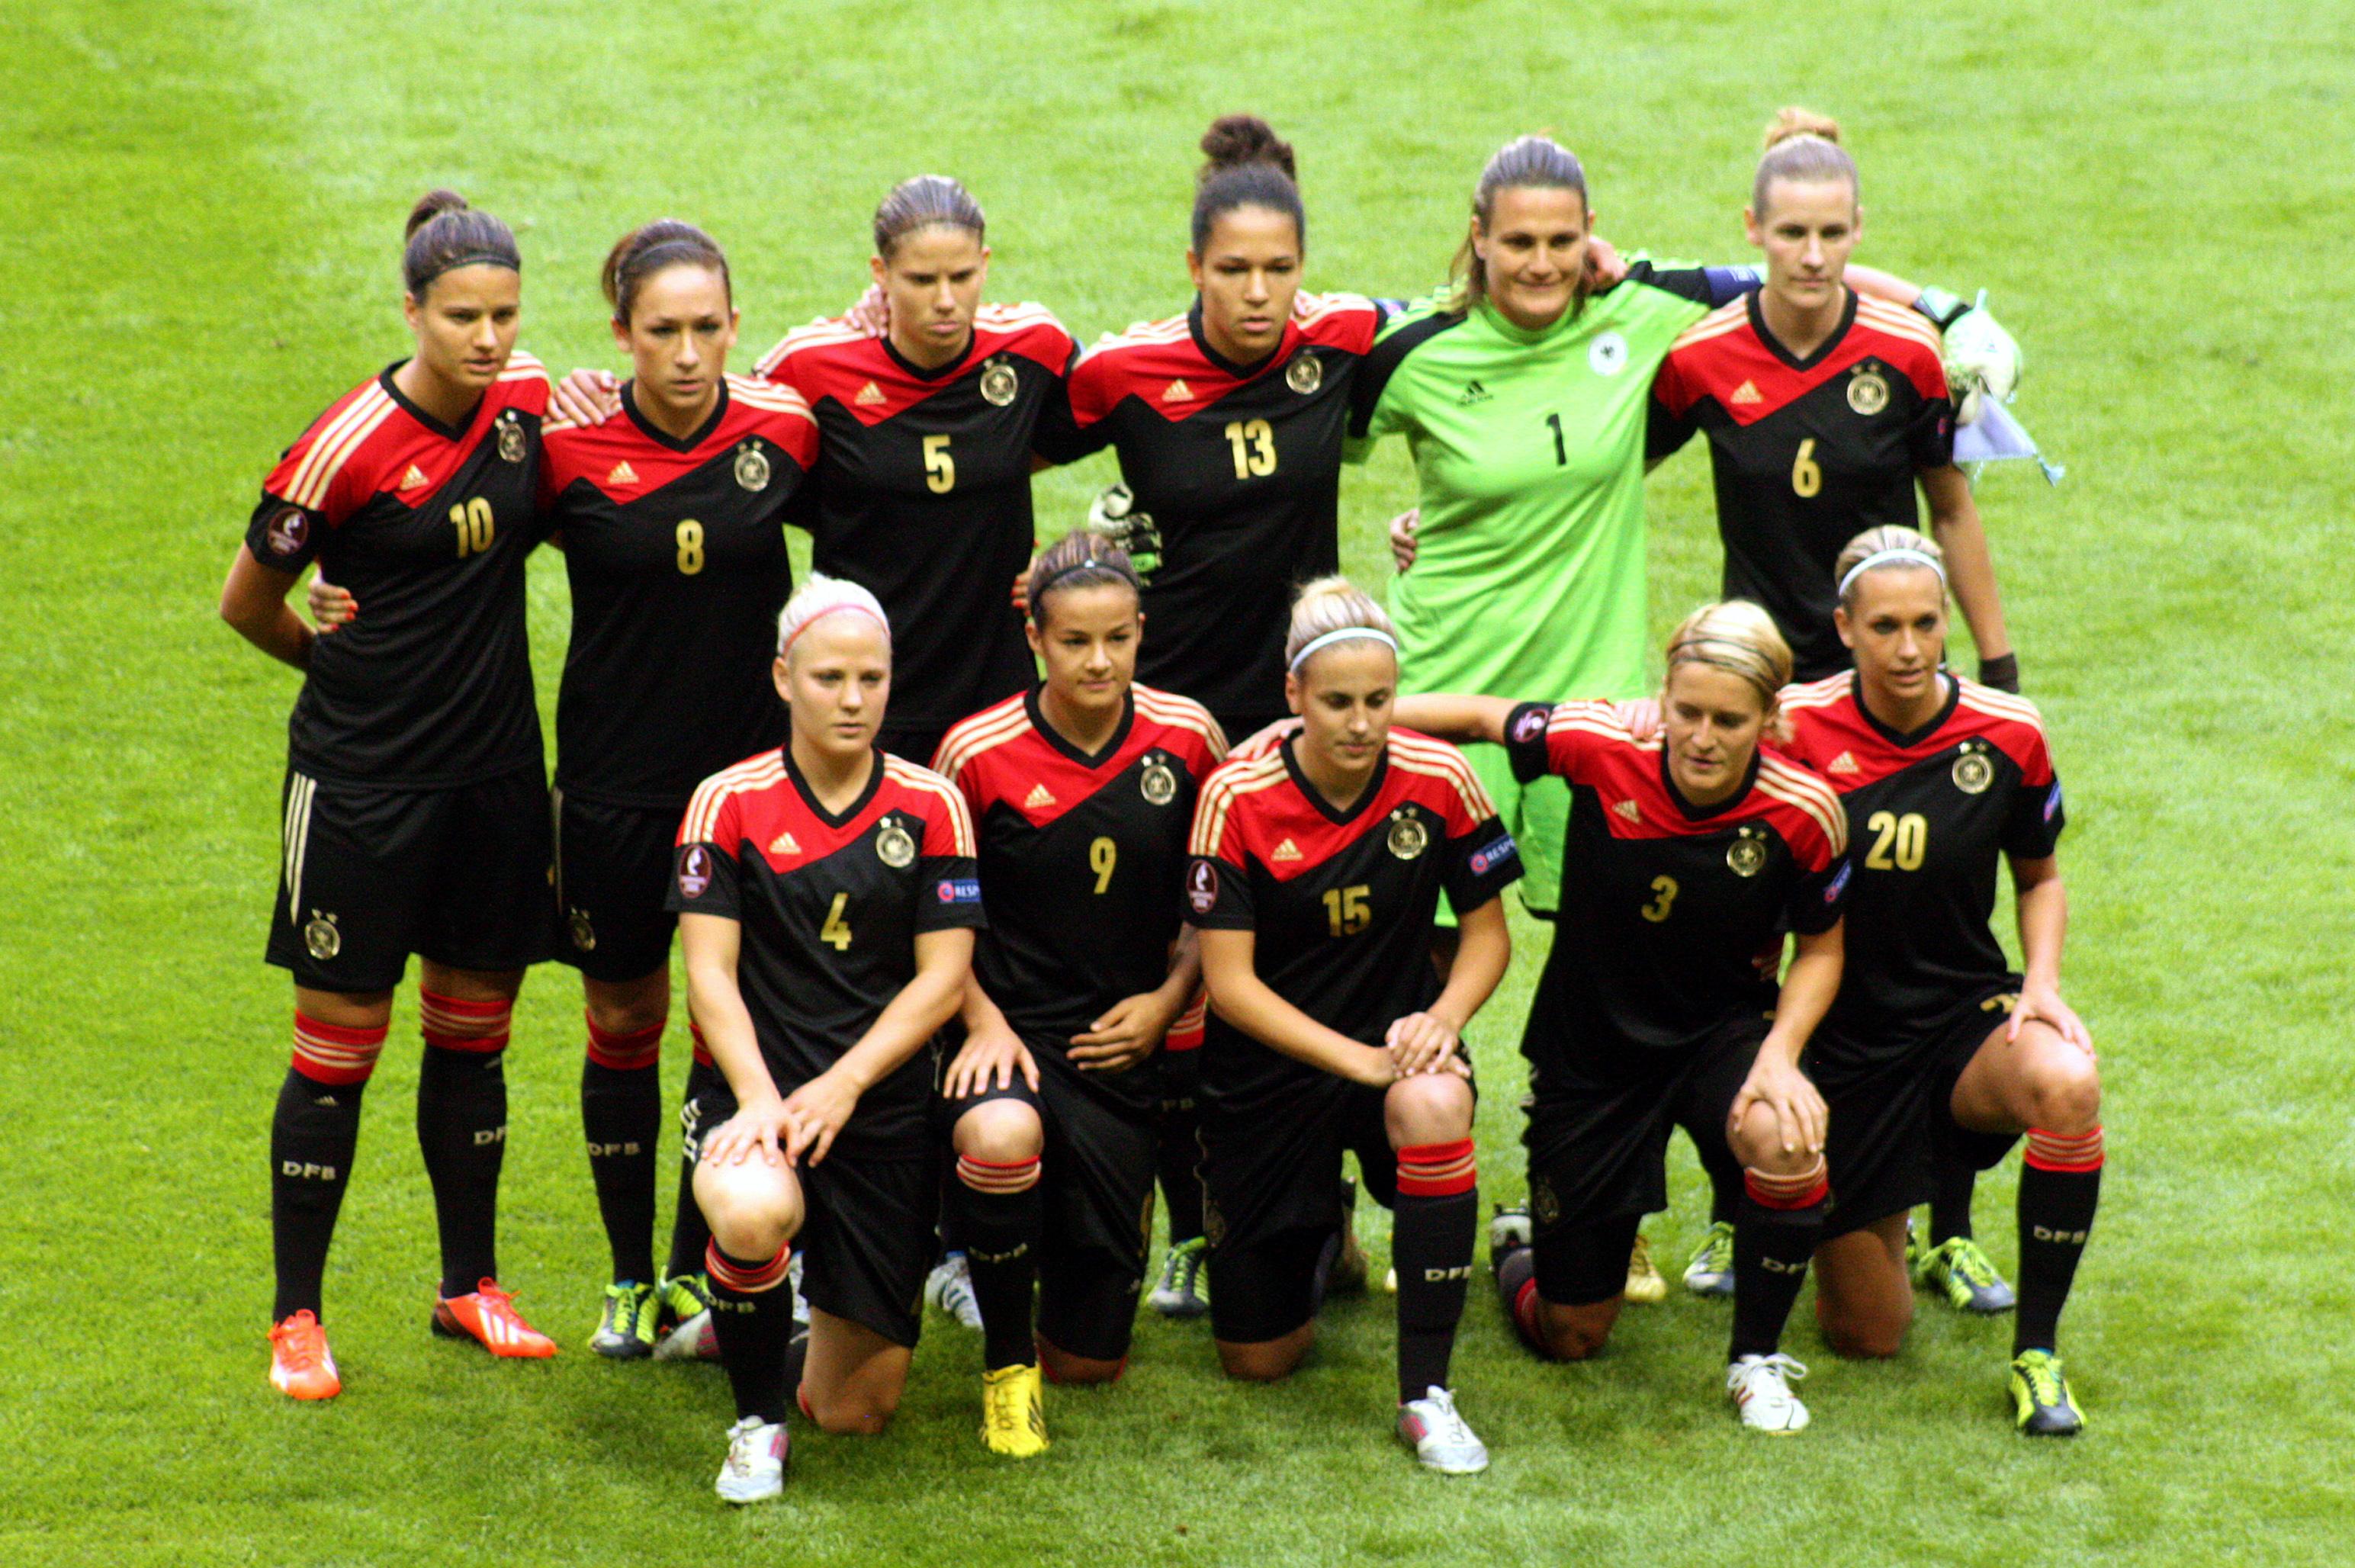 fotboll os fotboll damer